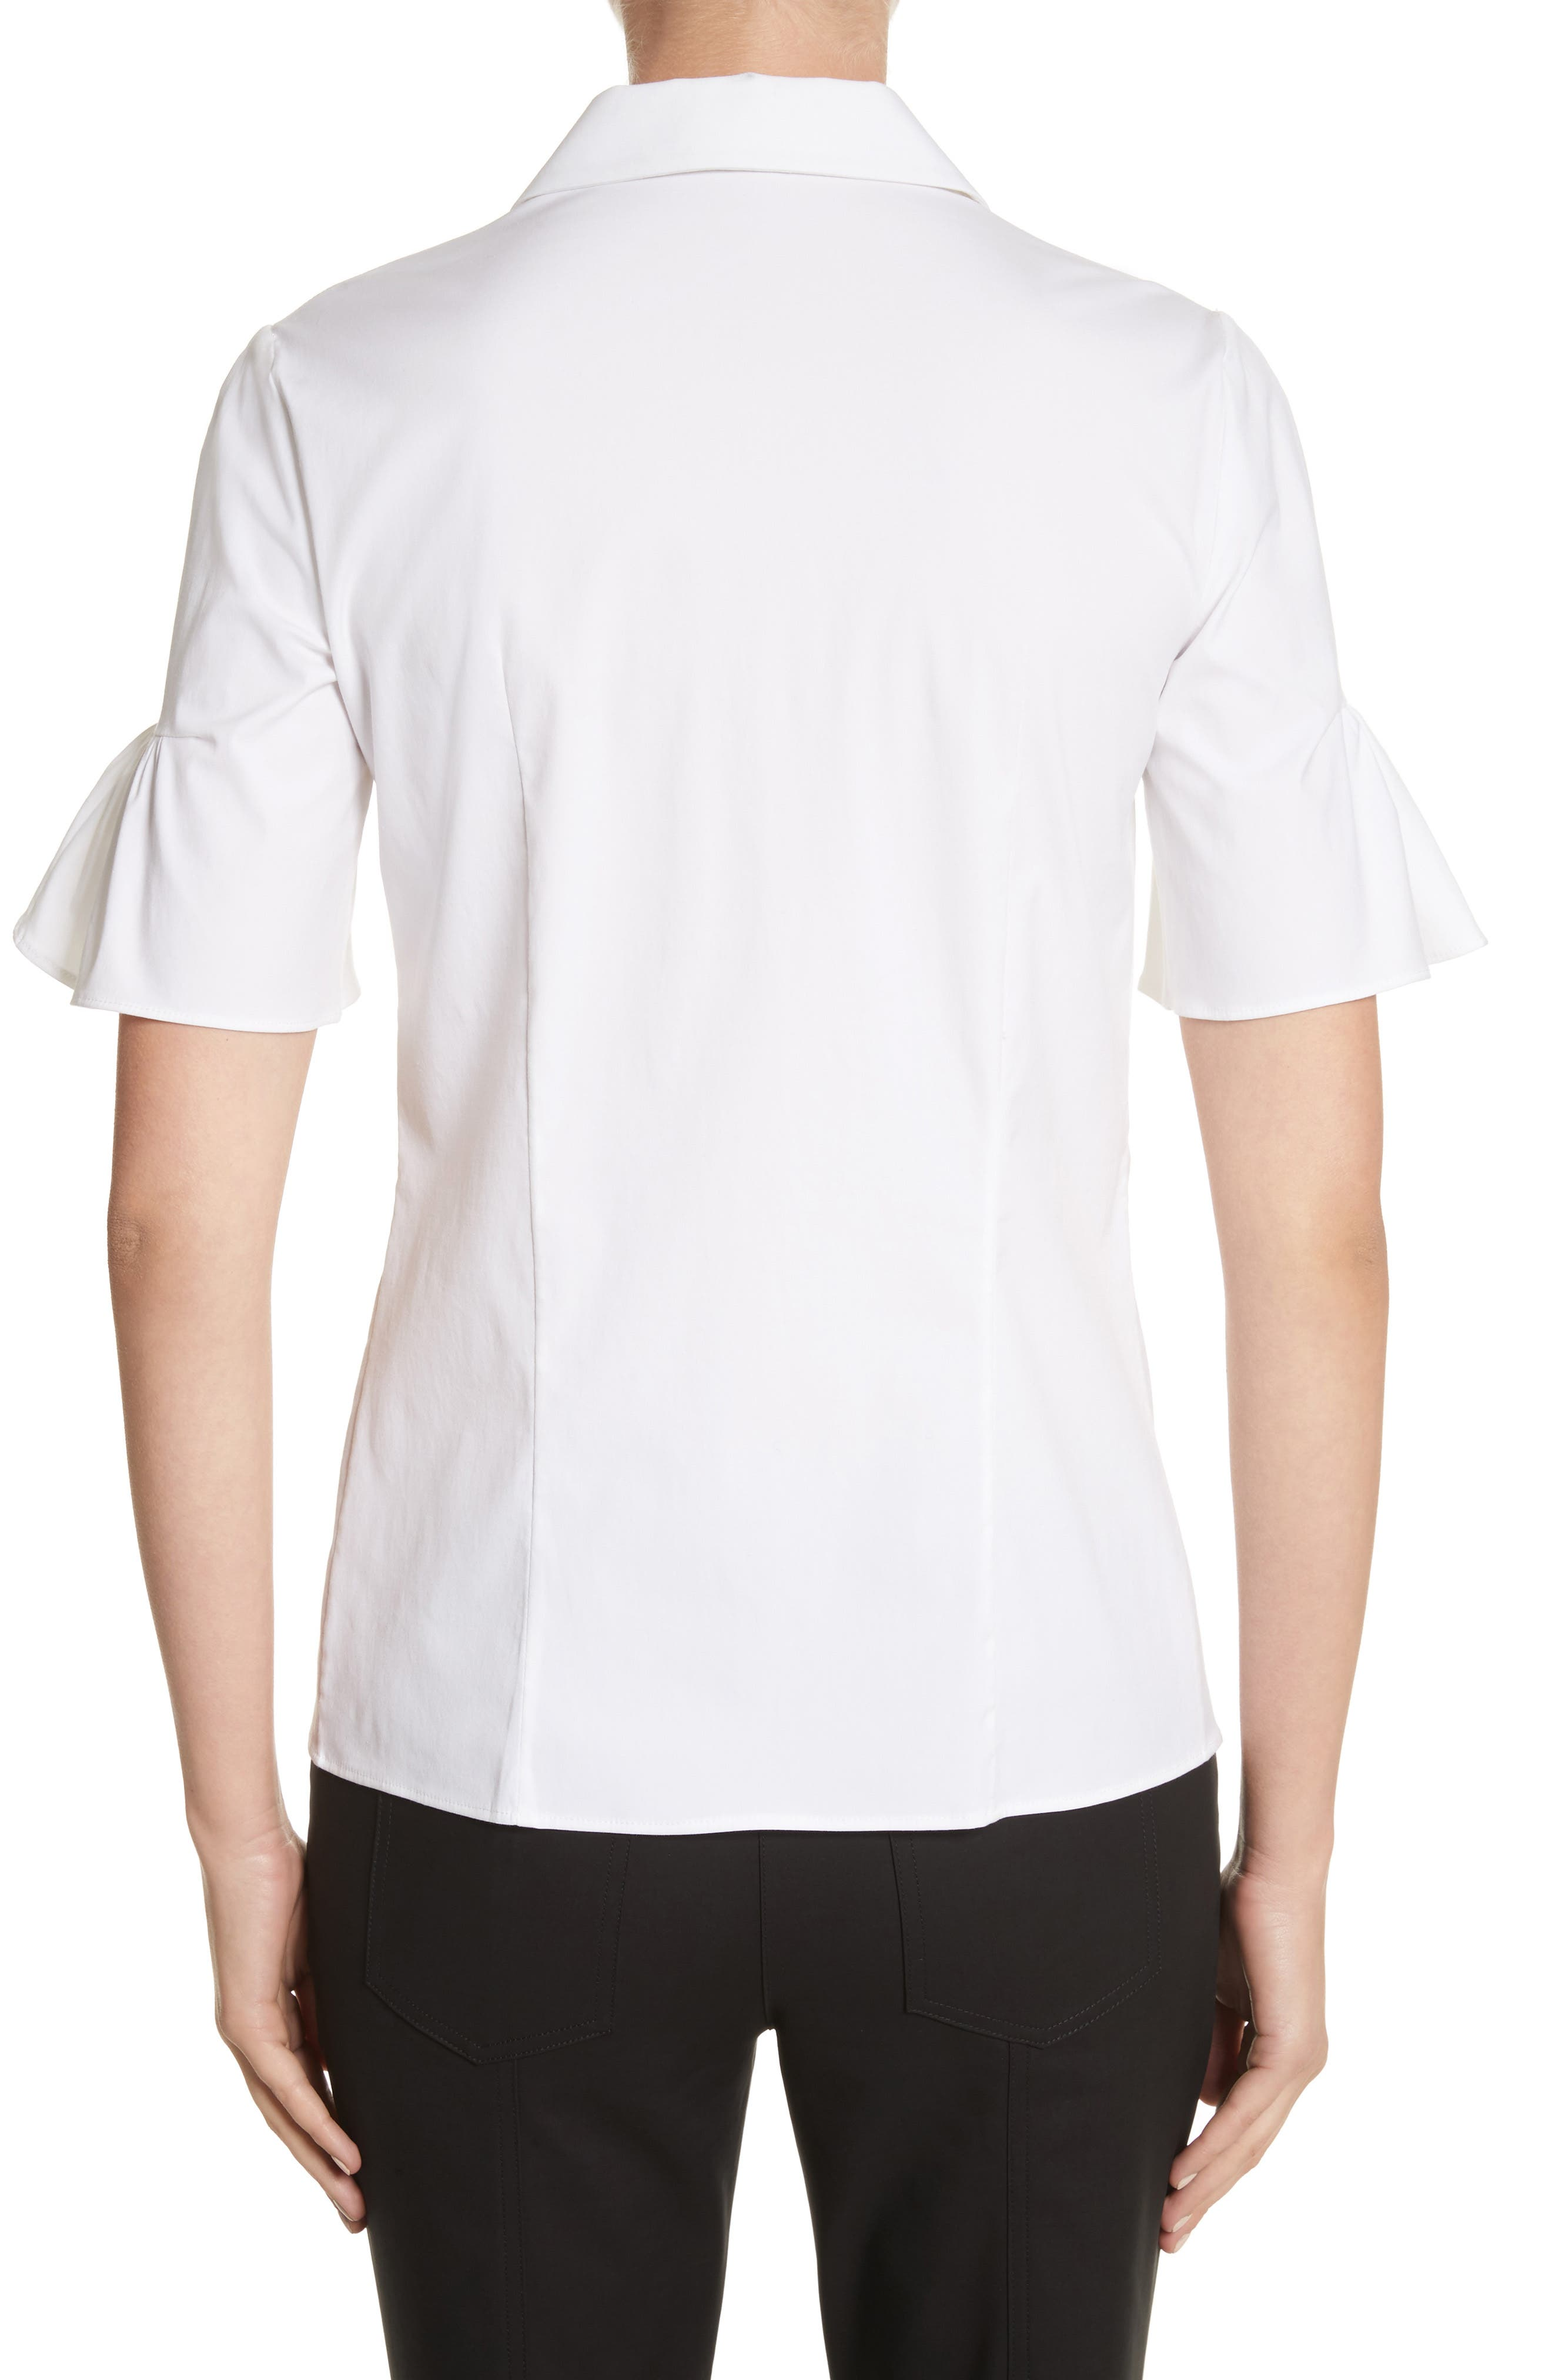 Alternate Image 2  - Michael Kors Bell Sleeve Shirt